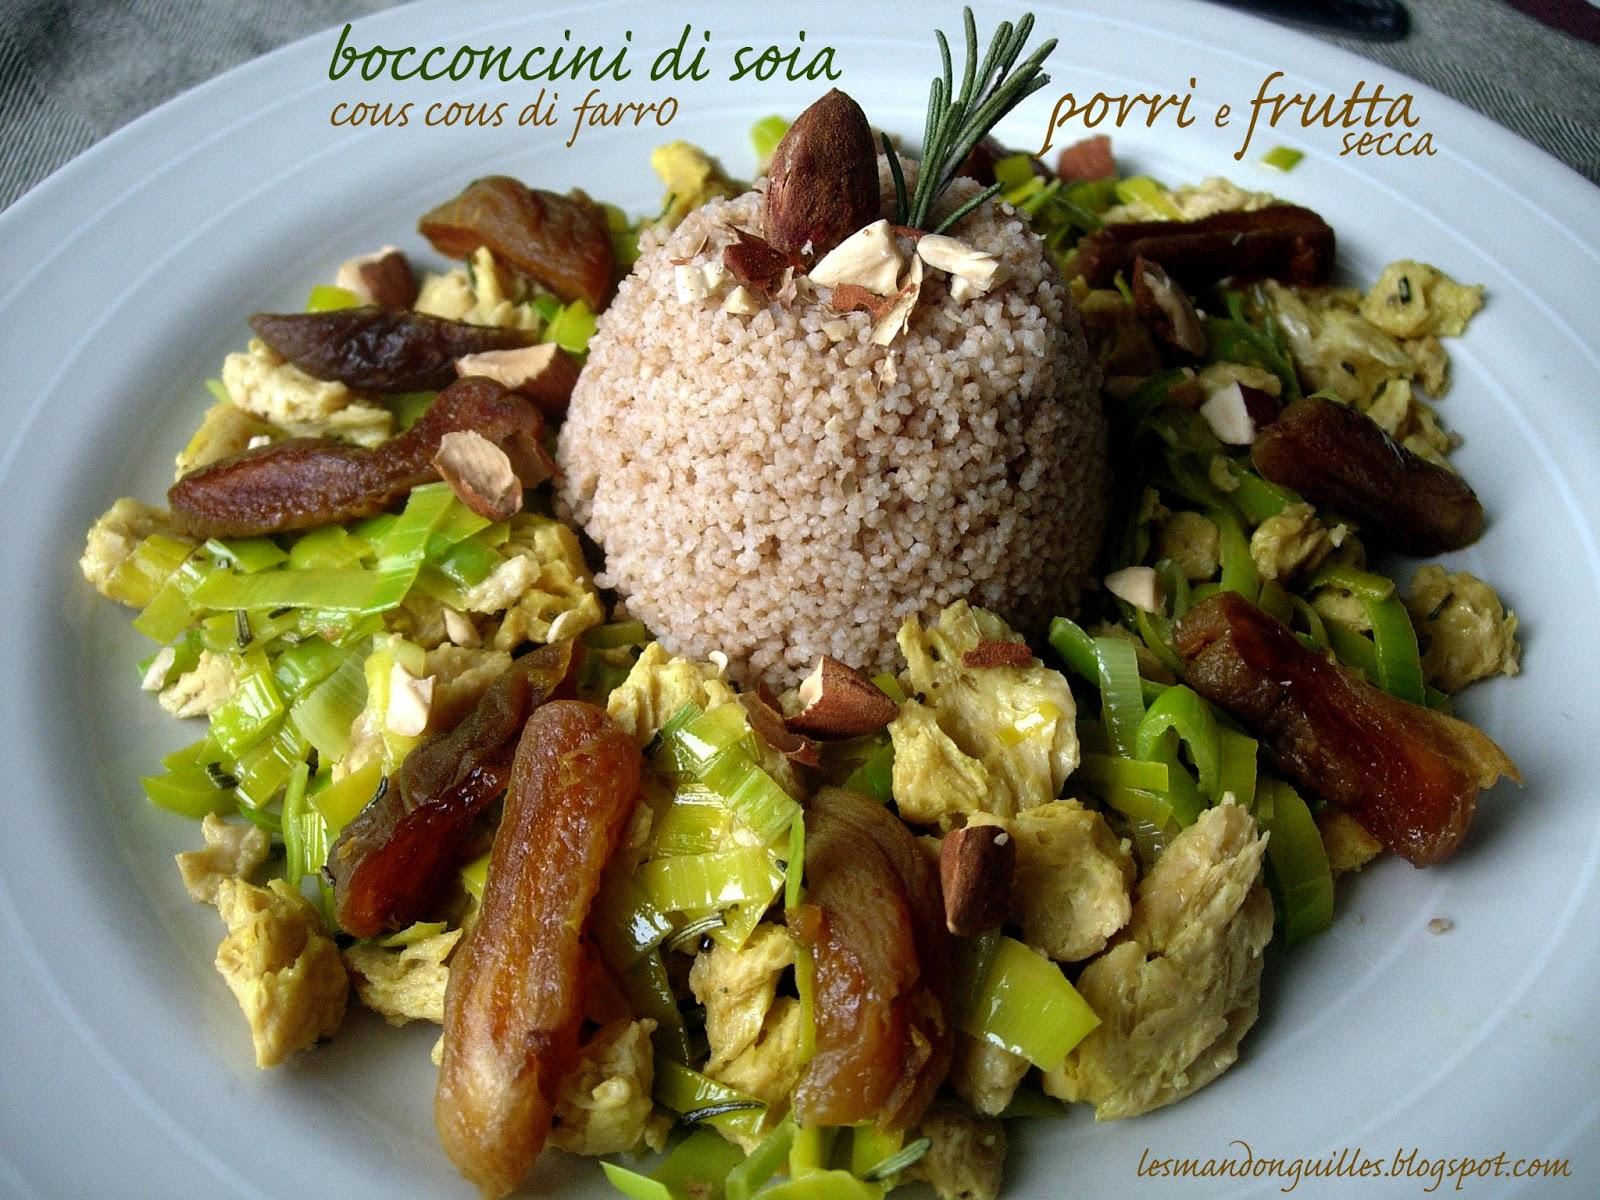 bocconcini di soia e cous cous di farro con porri e frutta secca al rosmarino